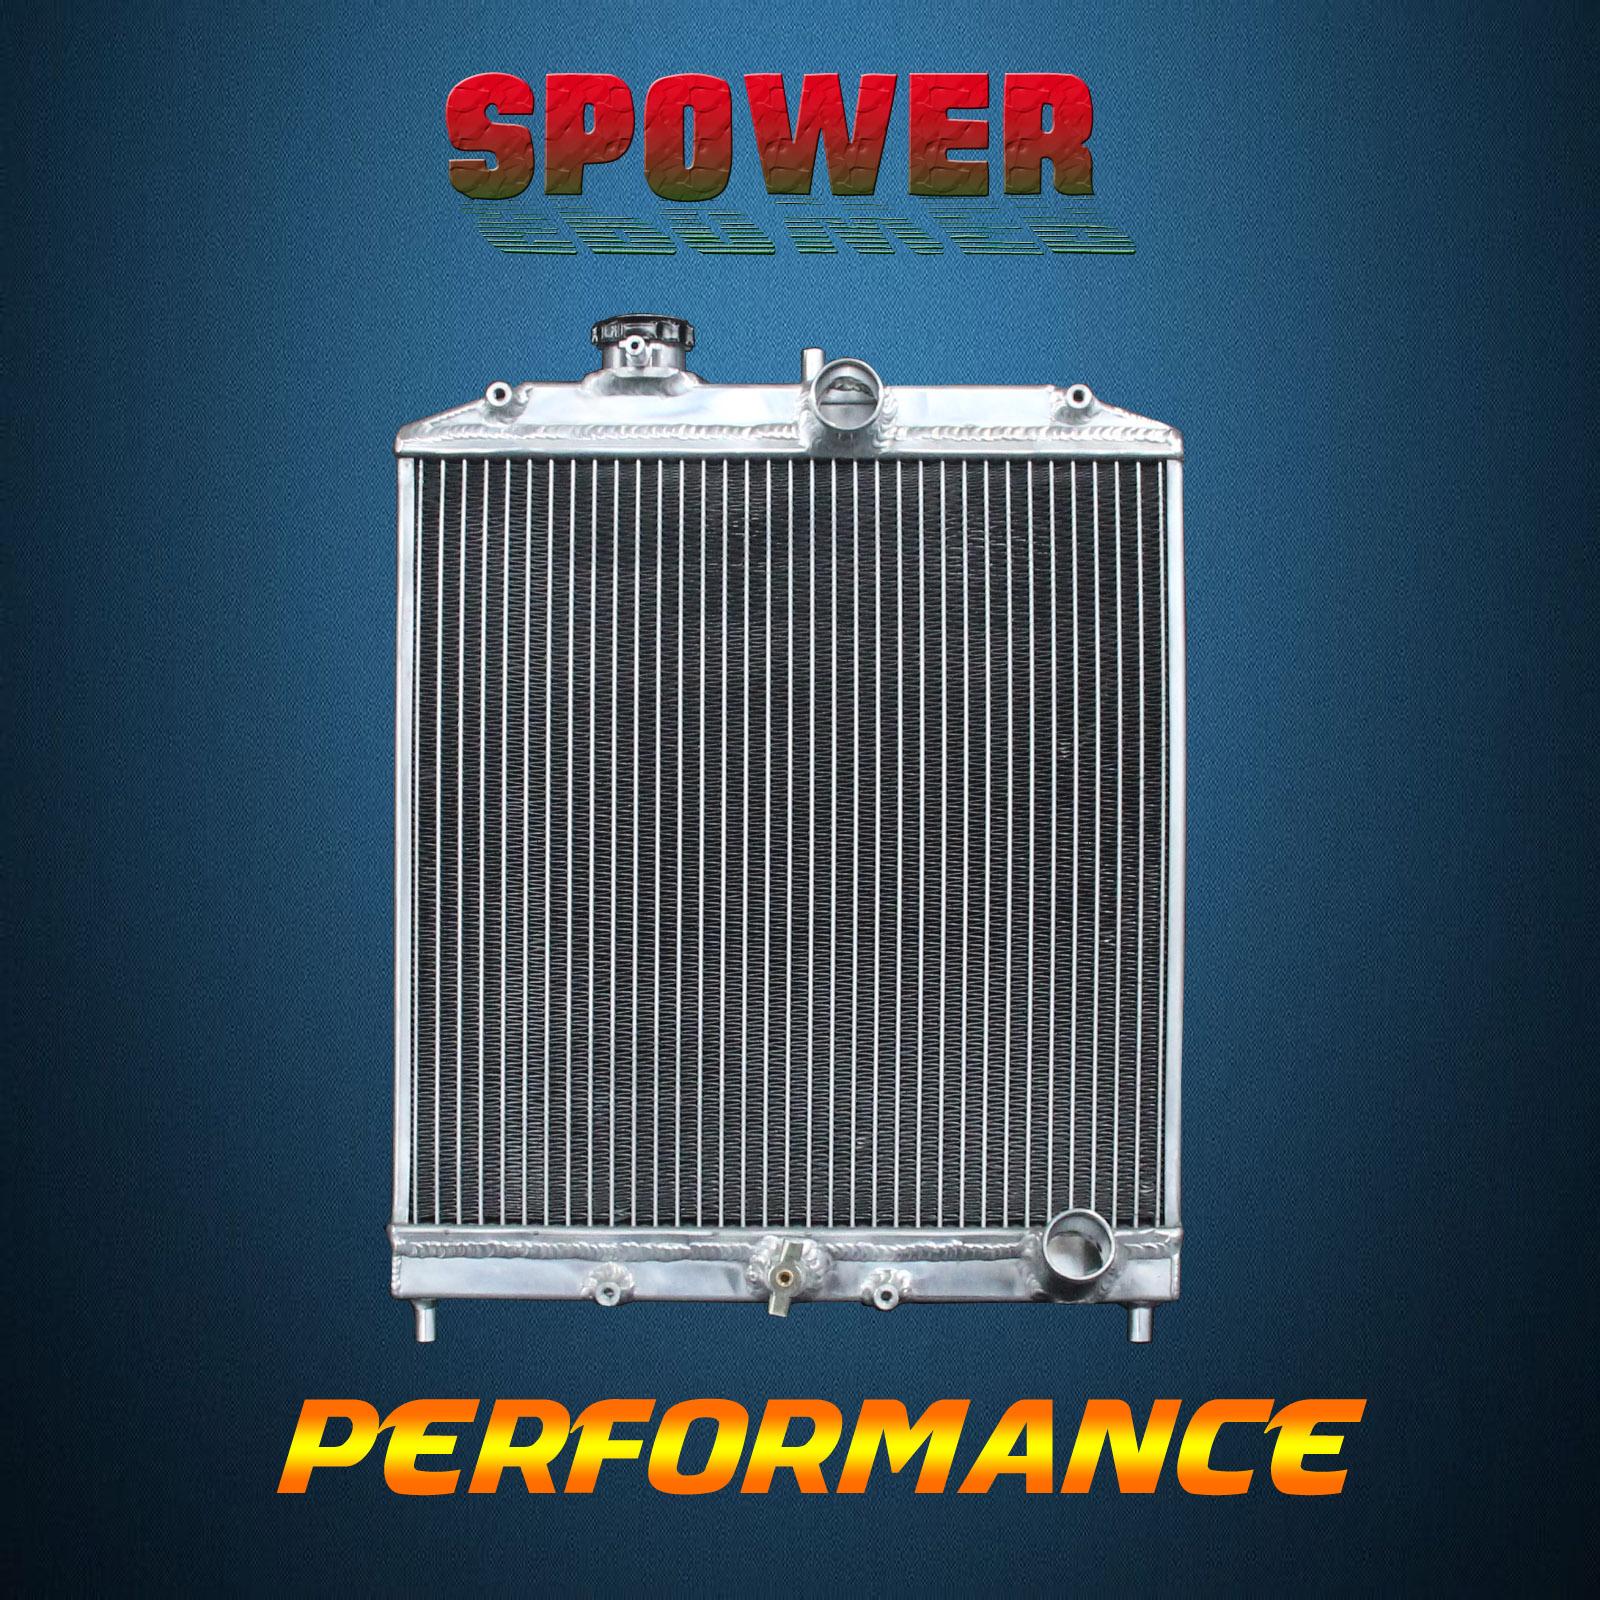 2-Row//CORE Aluminum Radiator For Mitsubishi Lancer DE ES LS L4 AT MT 02-07